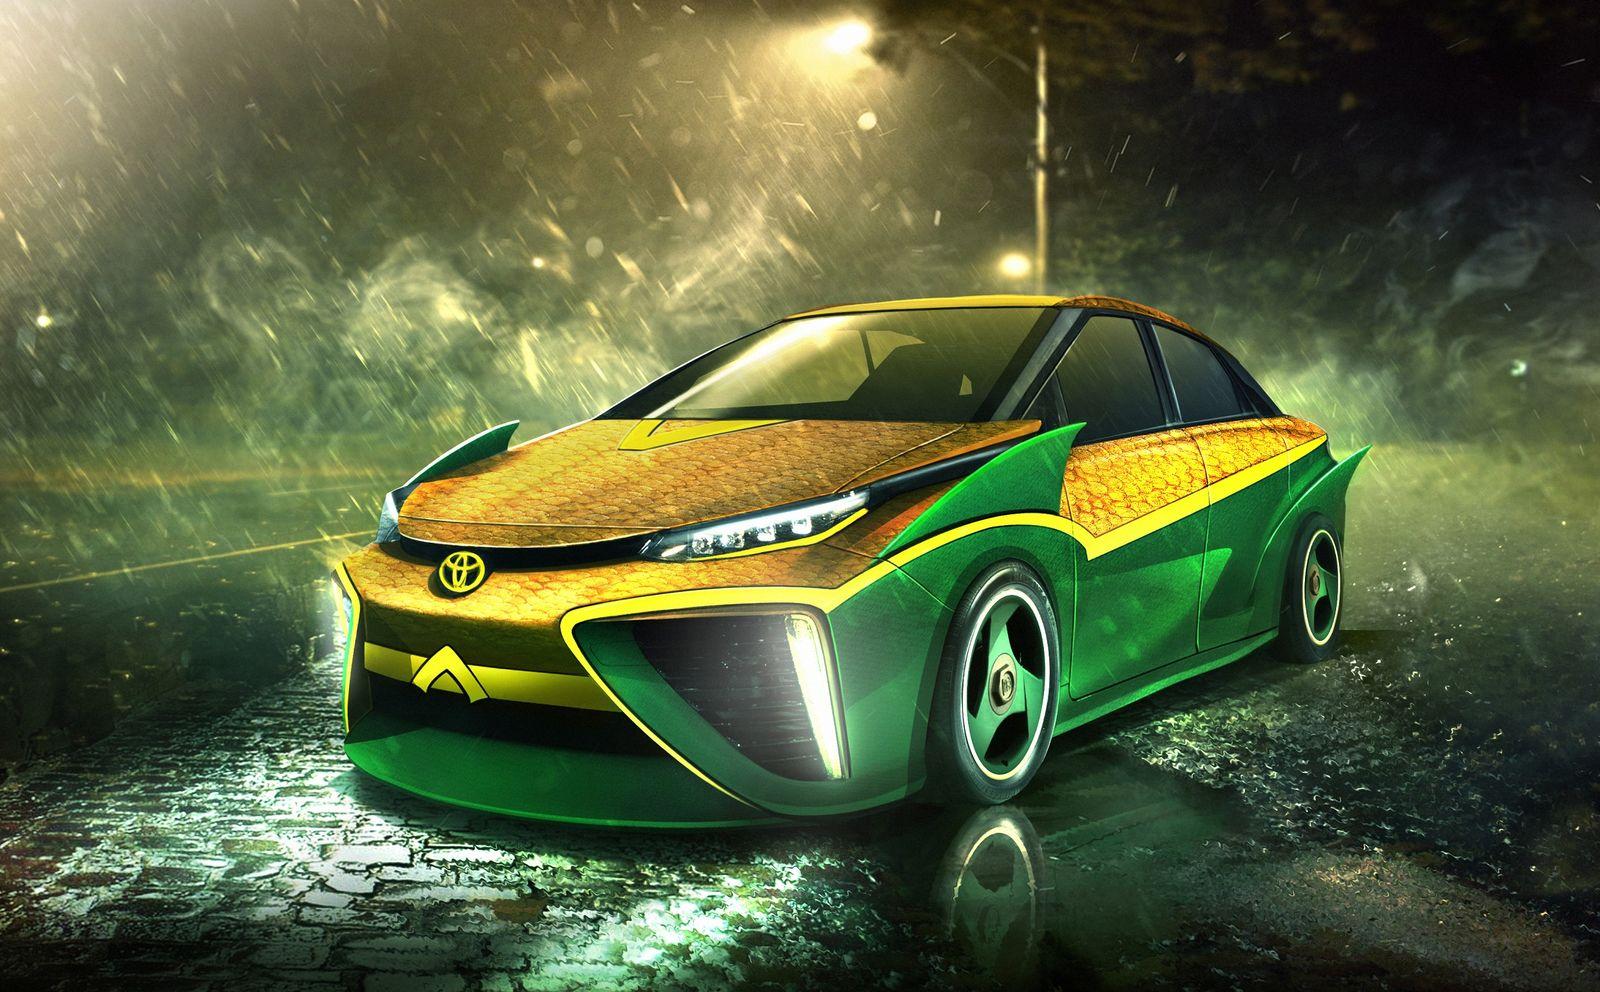 superhero-car-designs-opn-gallery-1.jpg